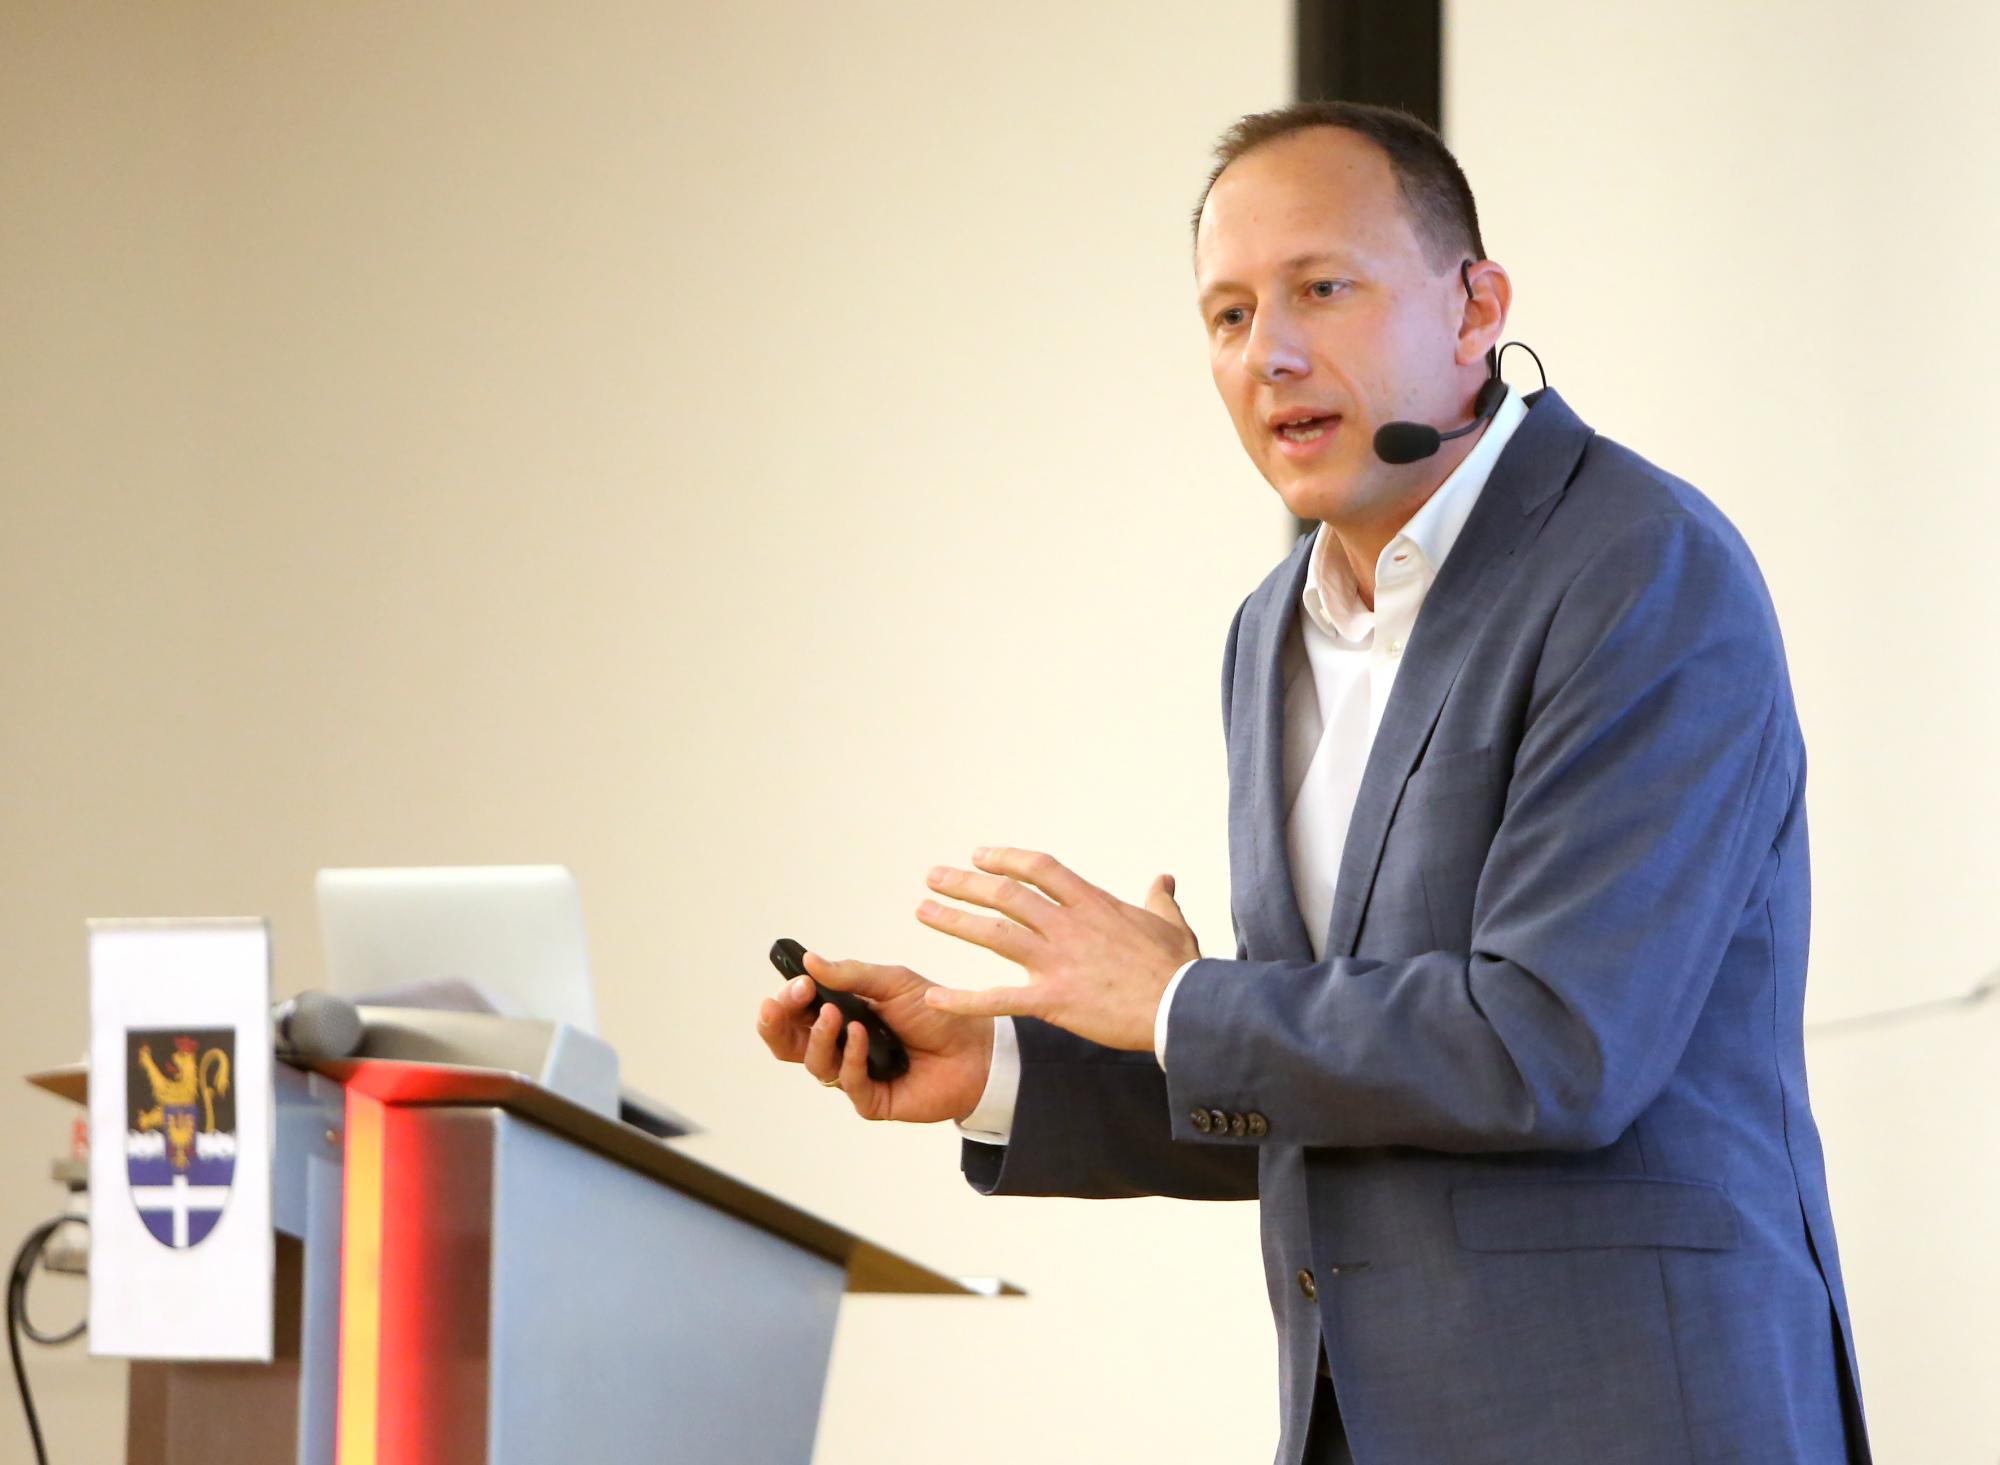 Mit dem Local Commerce Manifest will Andreas Haderlein Denkanstöße für Städte, Kommunen und den Einzelhandel liefern.